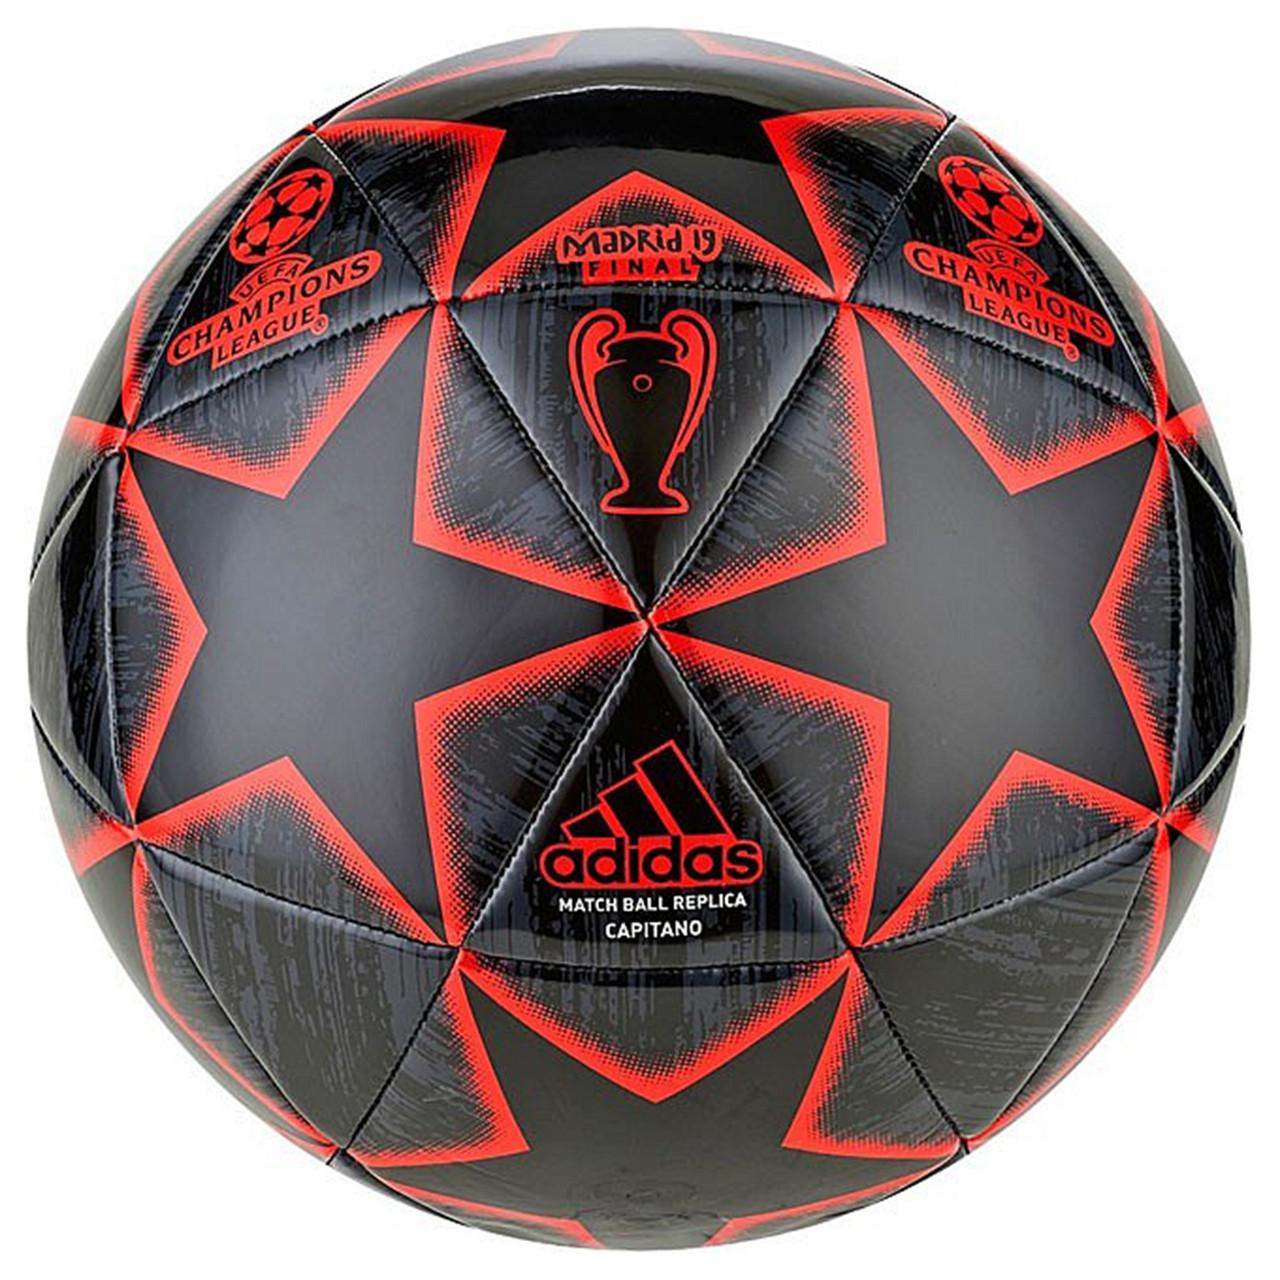 Футбольный мяч Adidas FINALE 19 MADRID CAPITANO 5 DN8679